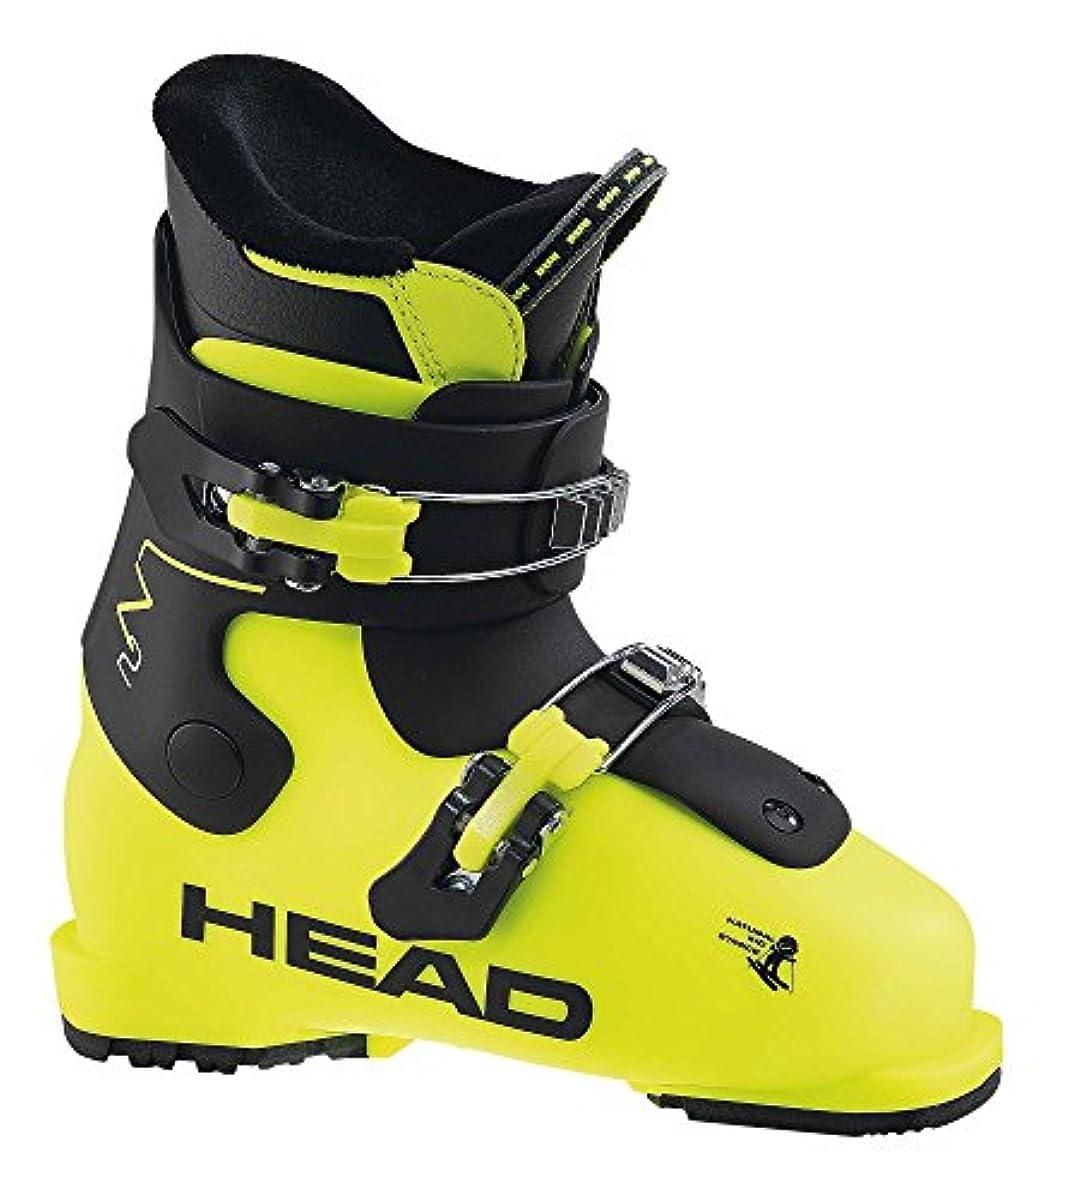 [해외] HEAD헤드【606551】16-17 쥬니어 스키화 Z2 보이의 걸즈